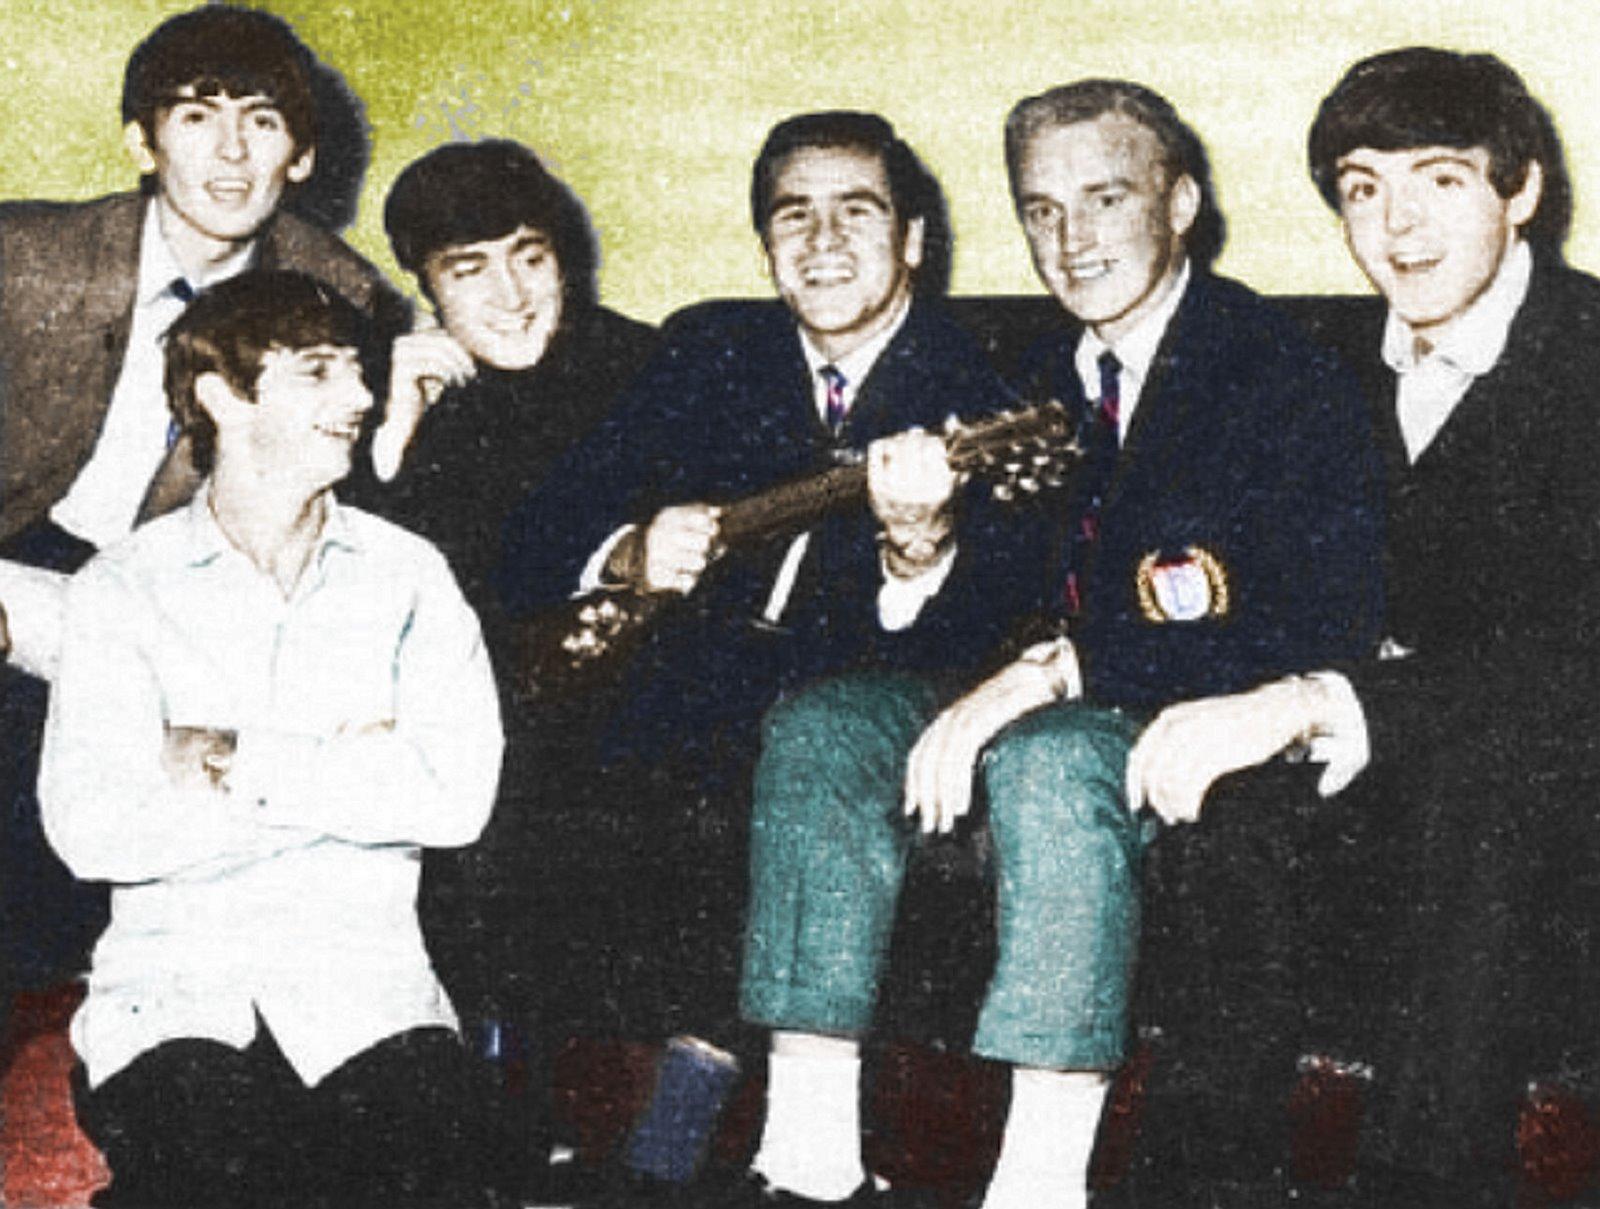 Beatles.ru / Изображение